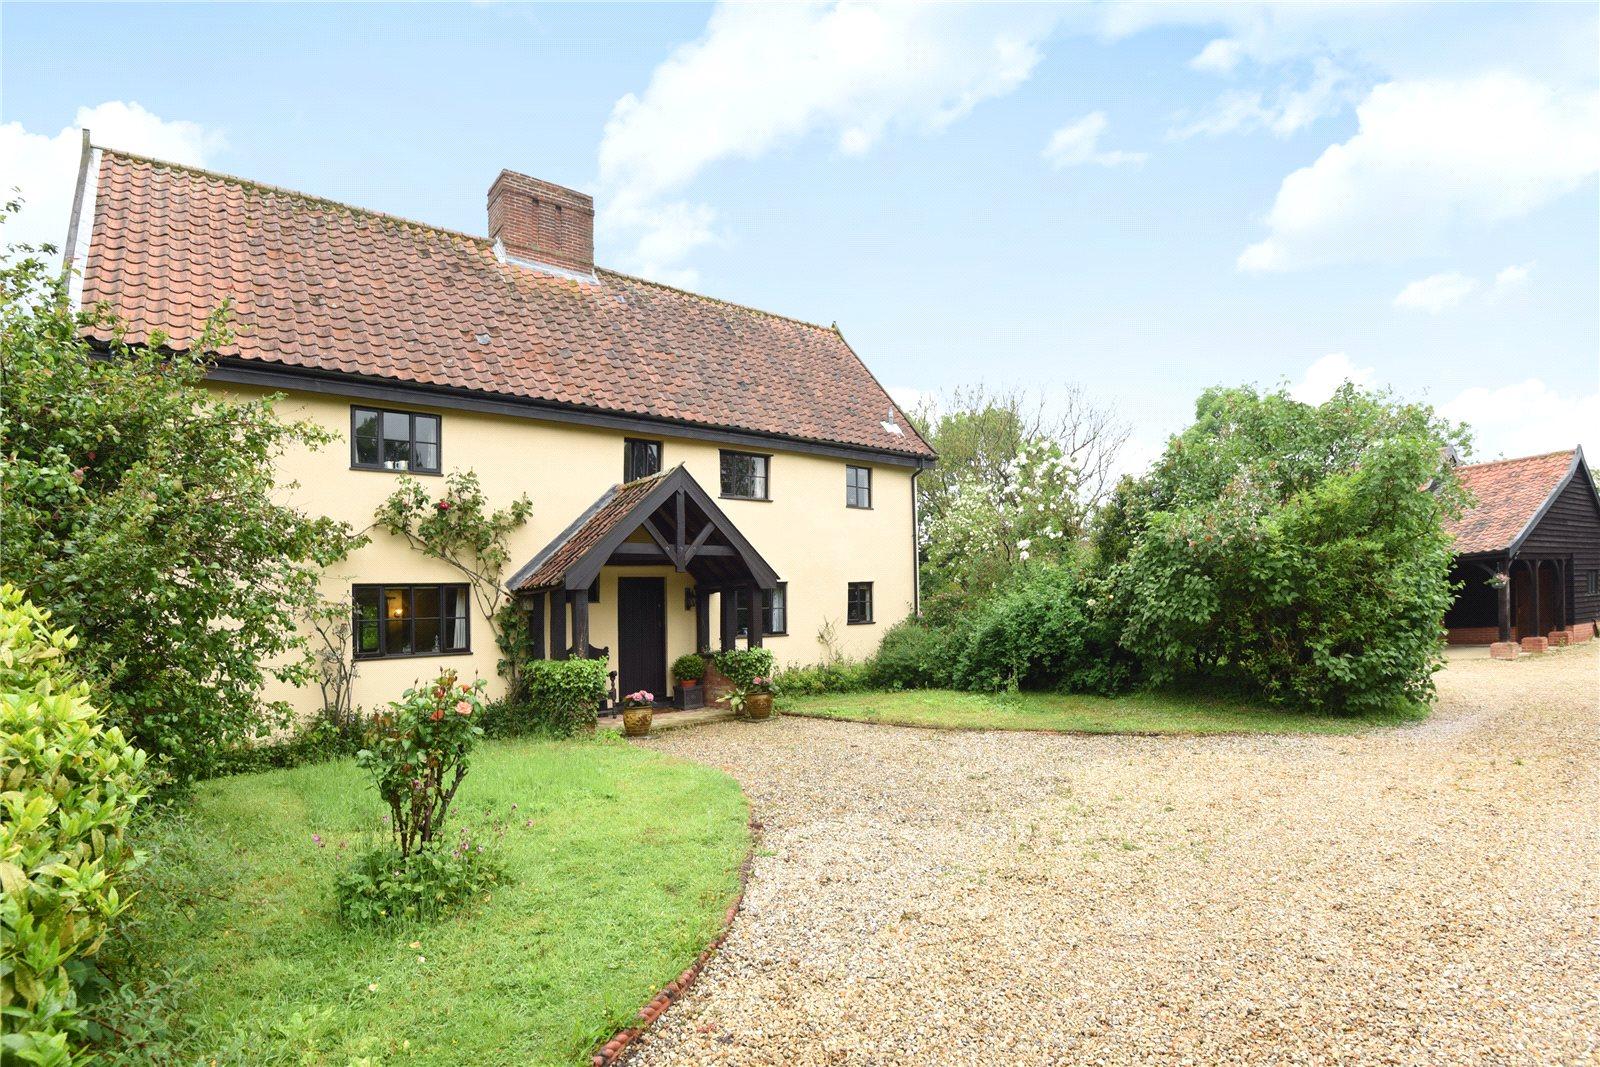 Μονοκατοικία για την Πώληση στο The Green, Saxlingham Nethergate, Norfolk, NR15 Saxlingham Nethergate, Αγγλια